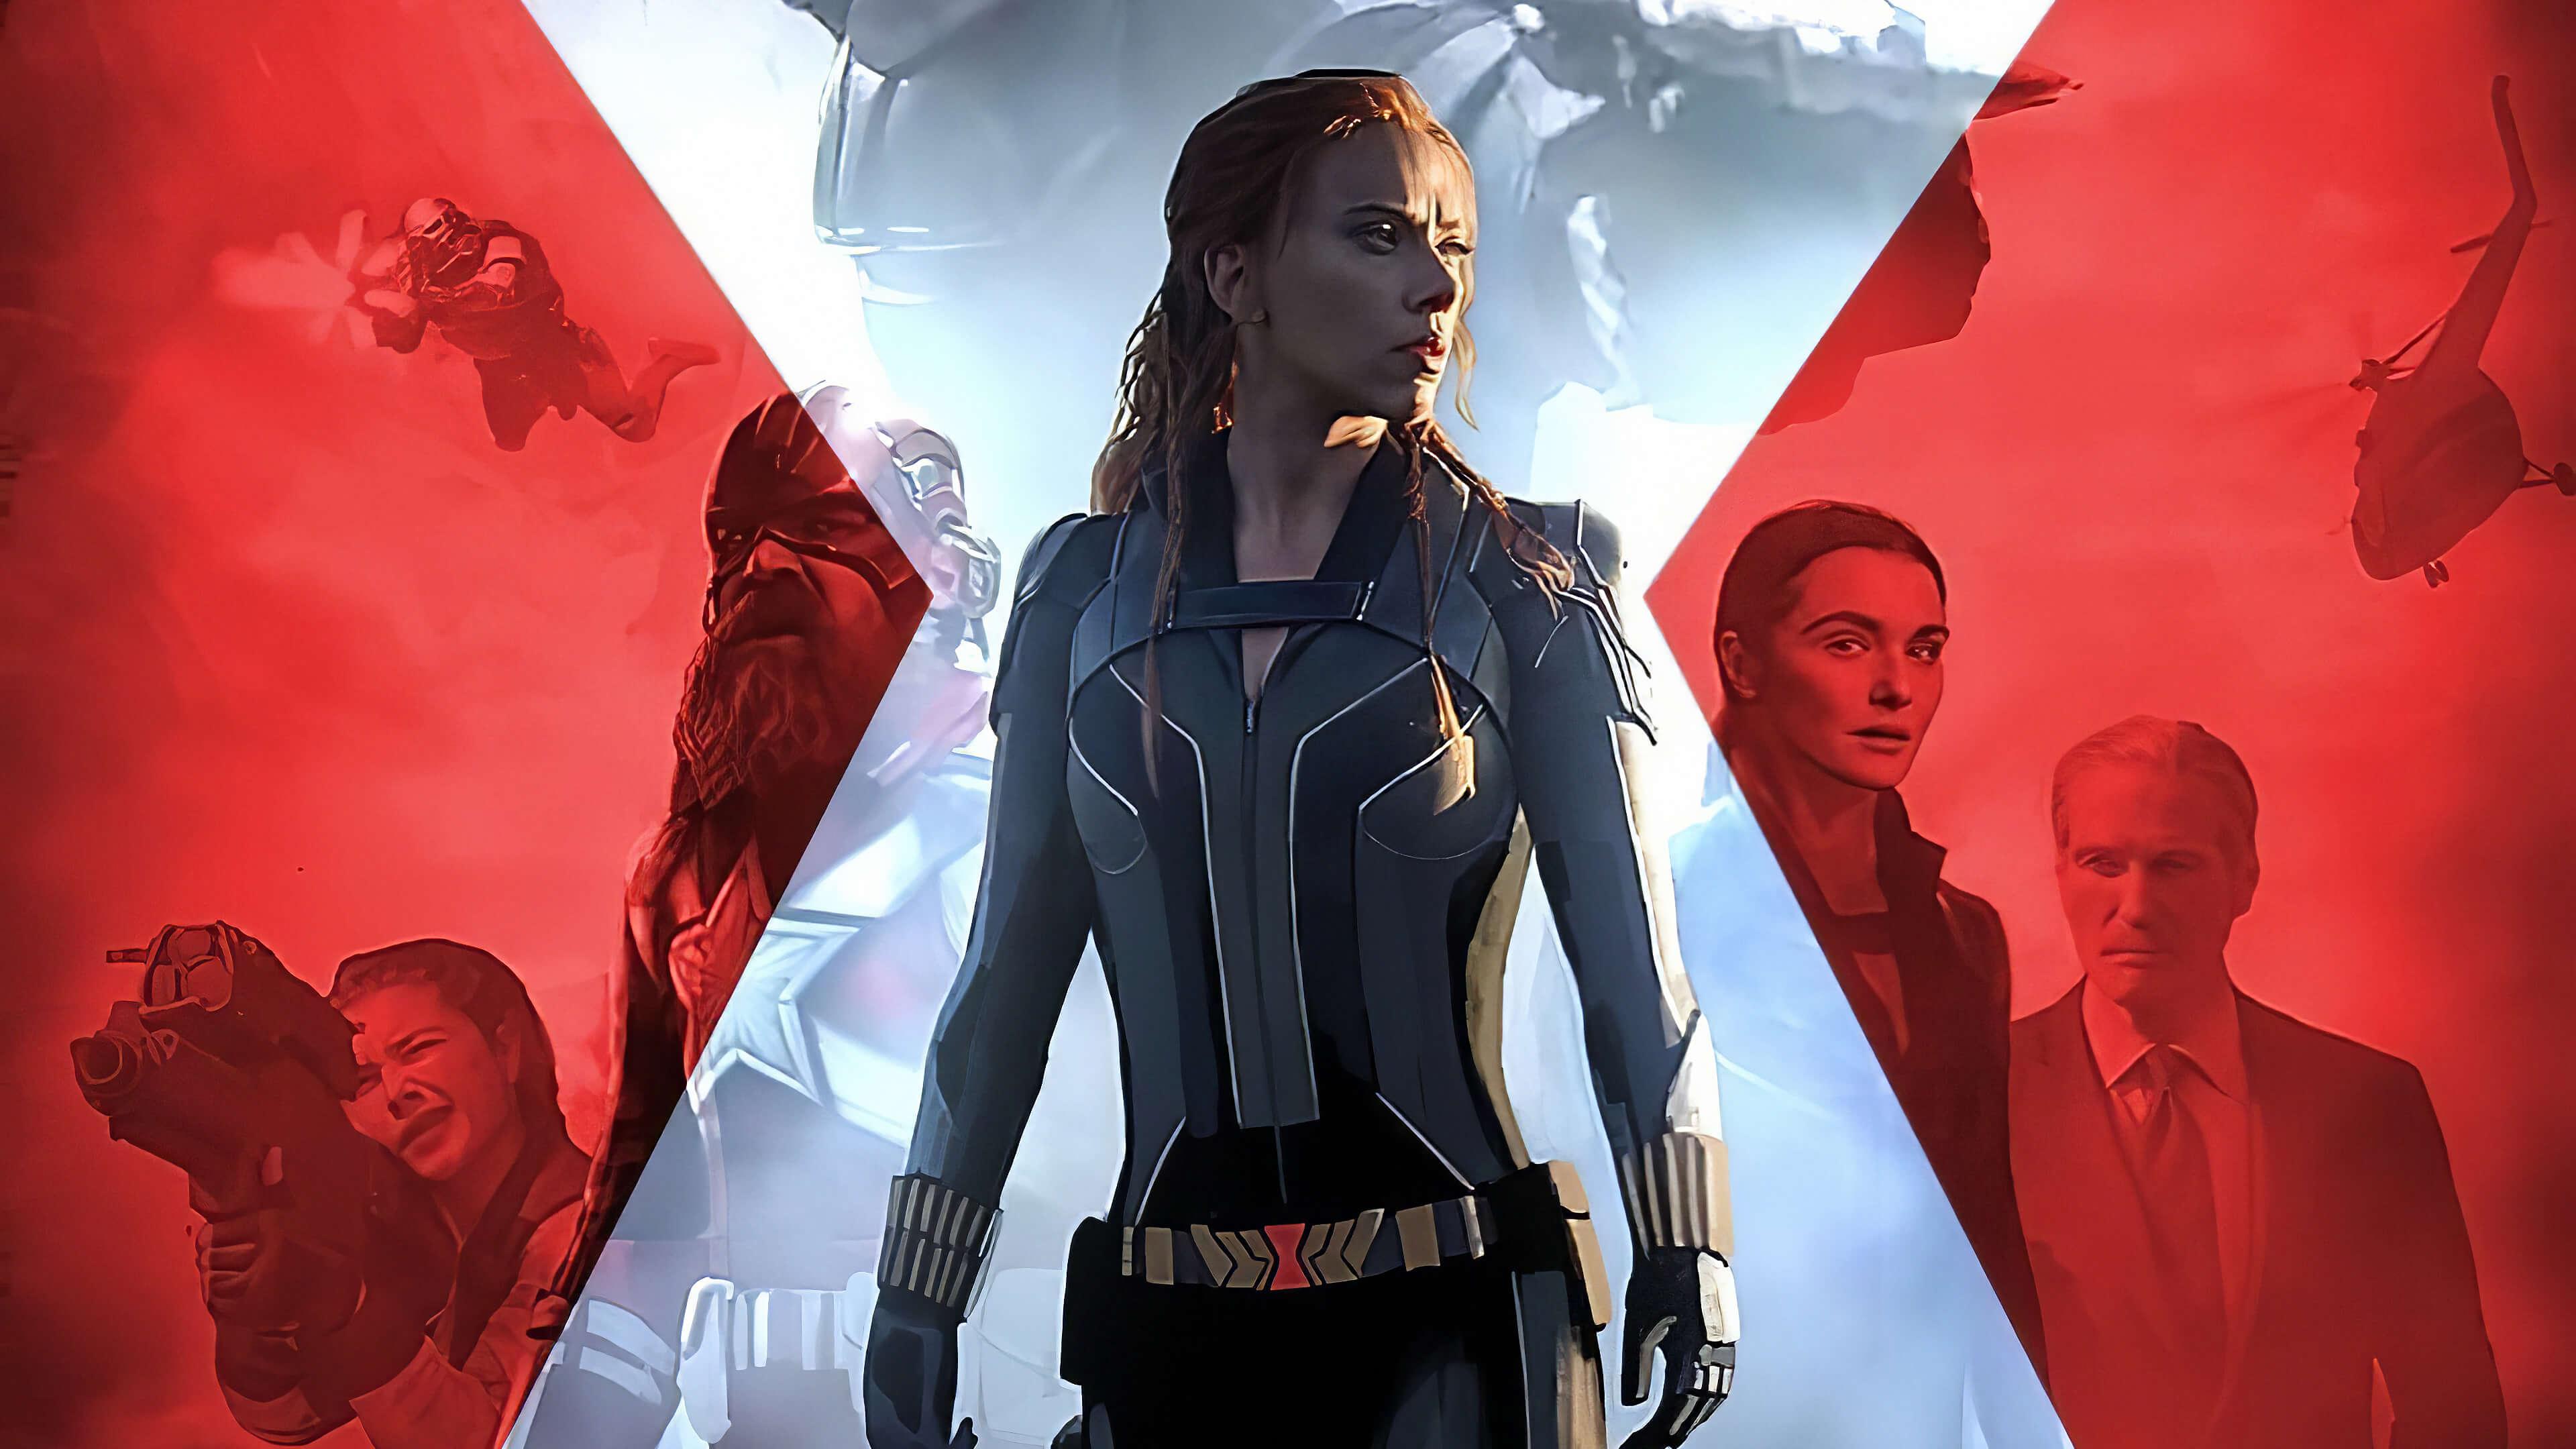 Black Widow 2021 Wallpaper 4K Xoombs Media 3840x2160